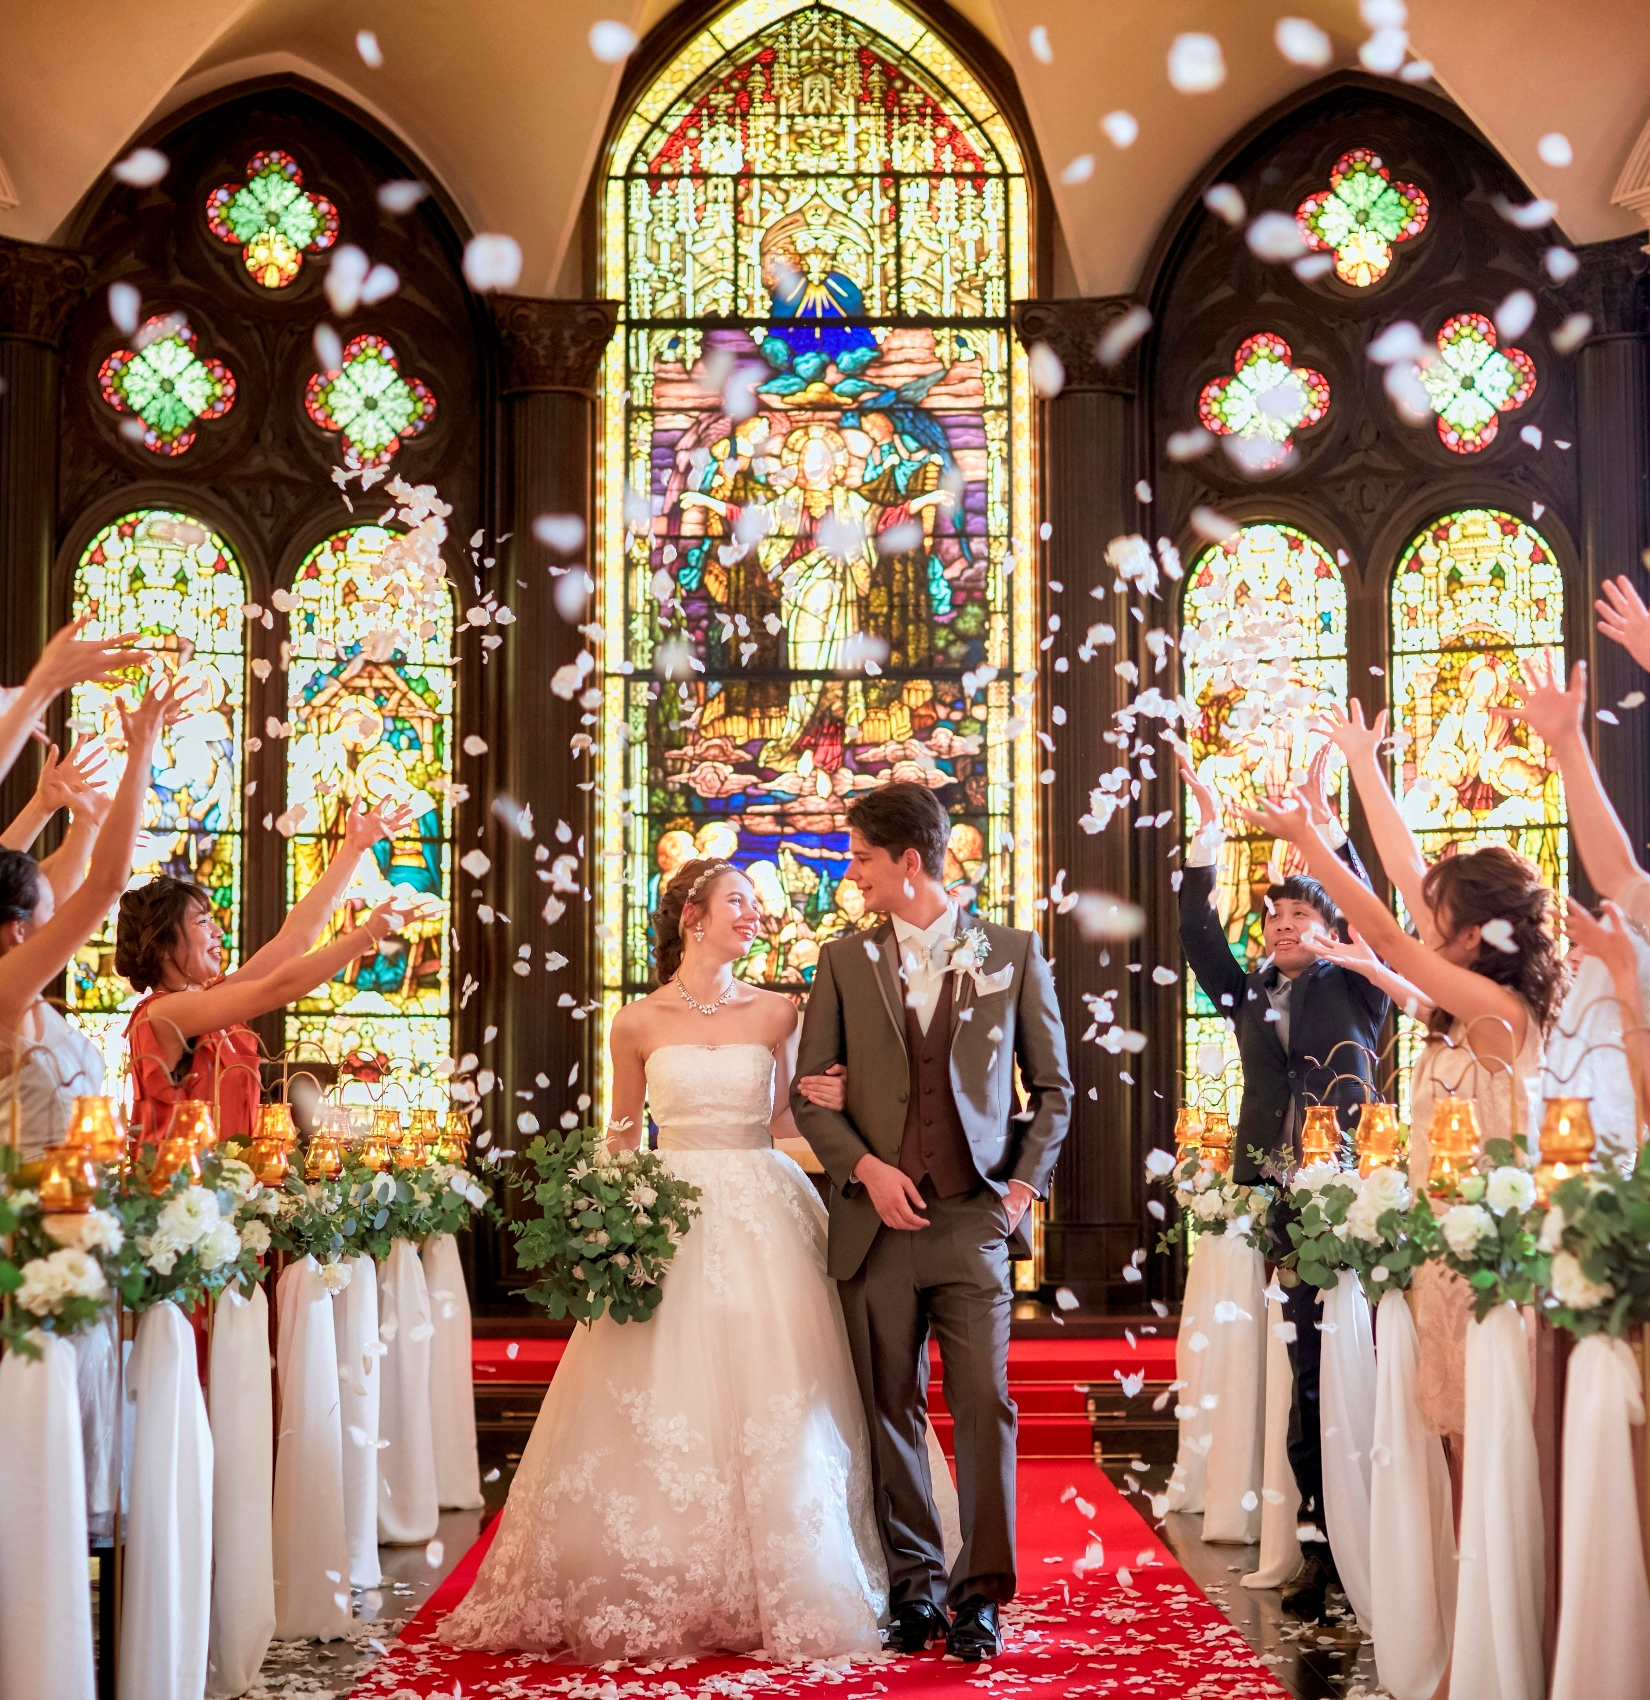 お申し込み日より半年をきったお二人へ♪<br> 日程さえ空いていれば<br> 結婚式準備は全く問題ございません!